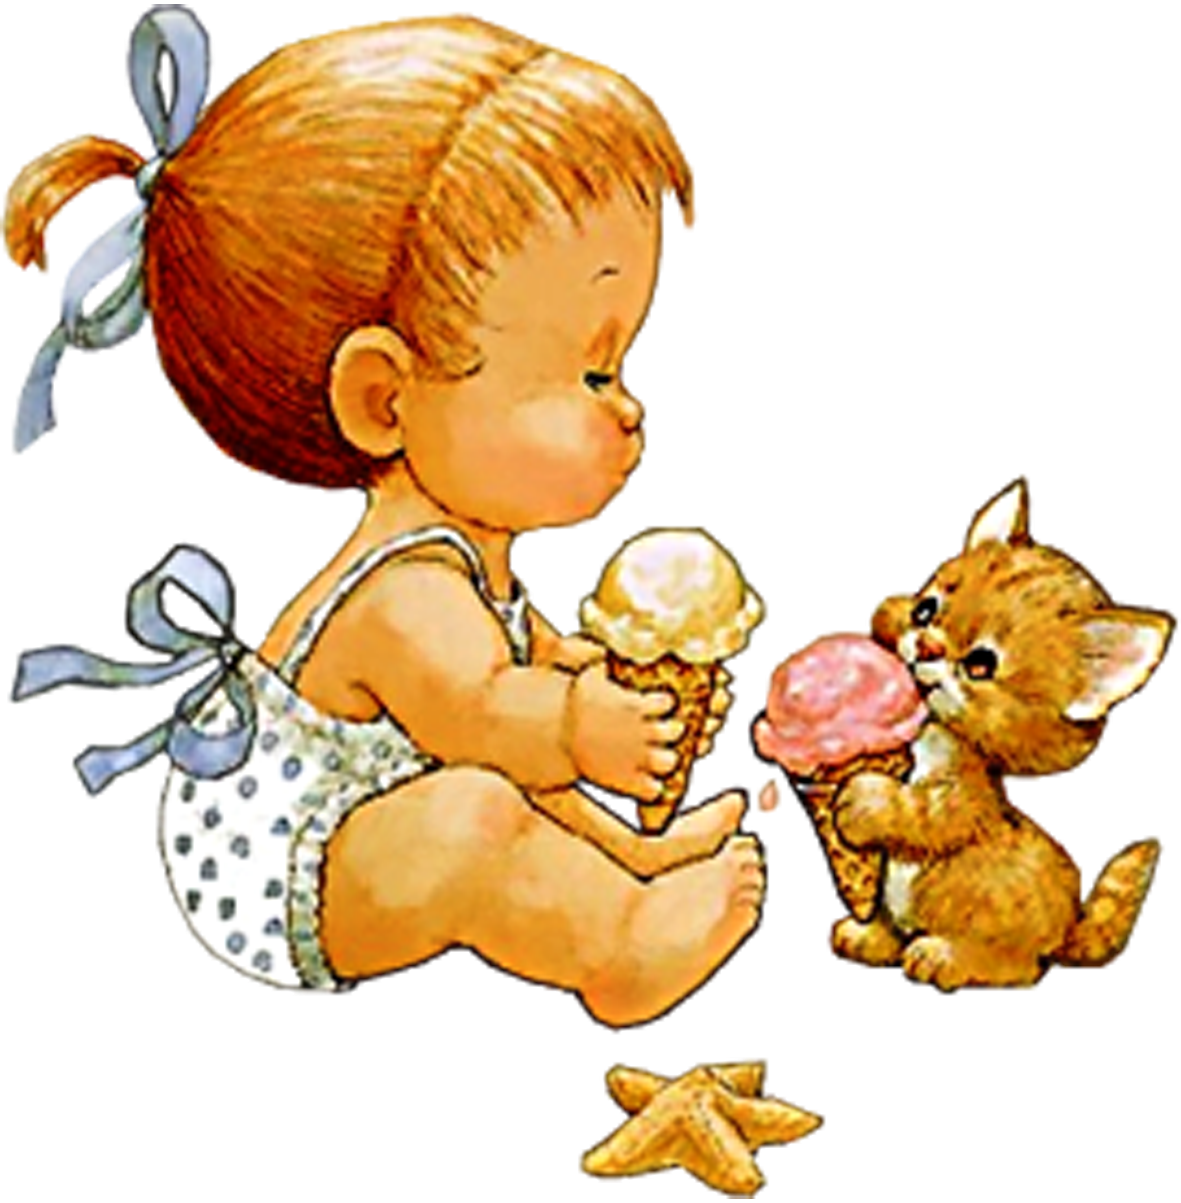 Dibujos tiernos de pequeñas niñas - De Imagenes y algo mas